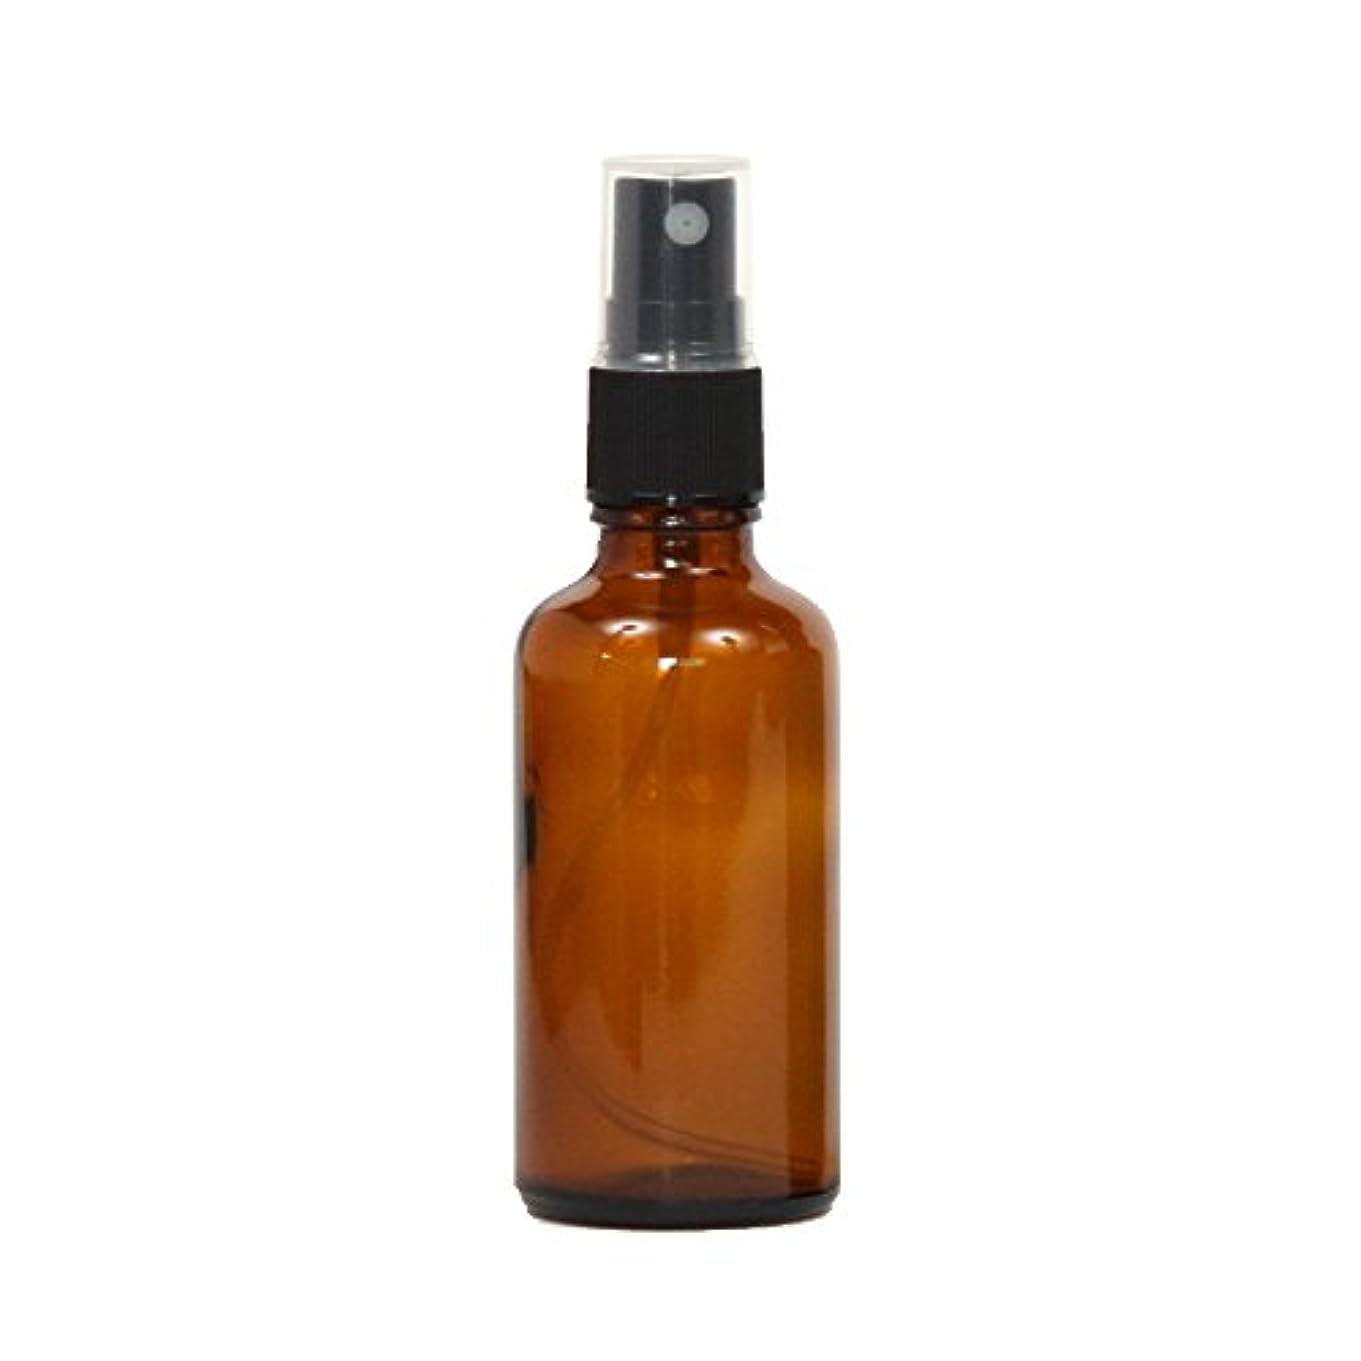 寓話ガソリンダブルスプレーボトル ガラス瓶 50mL 遮光性ブラウン(アンバー) おしゃれアトマイザー ミスト空容器br50g